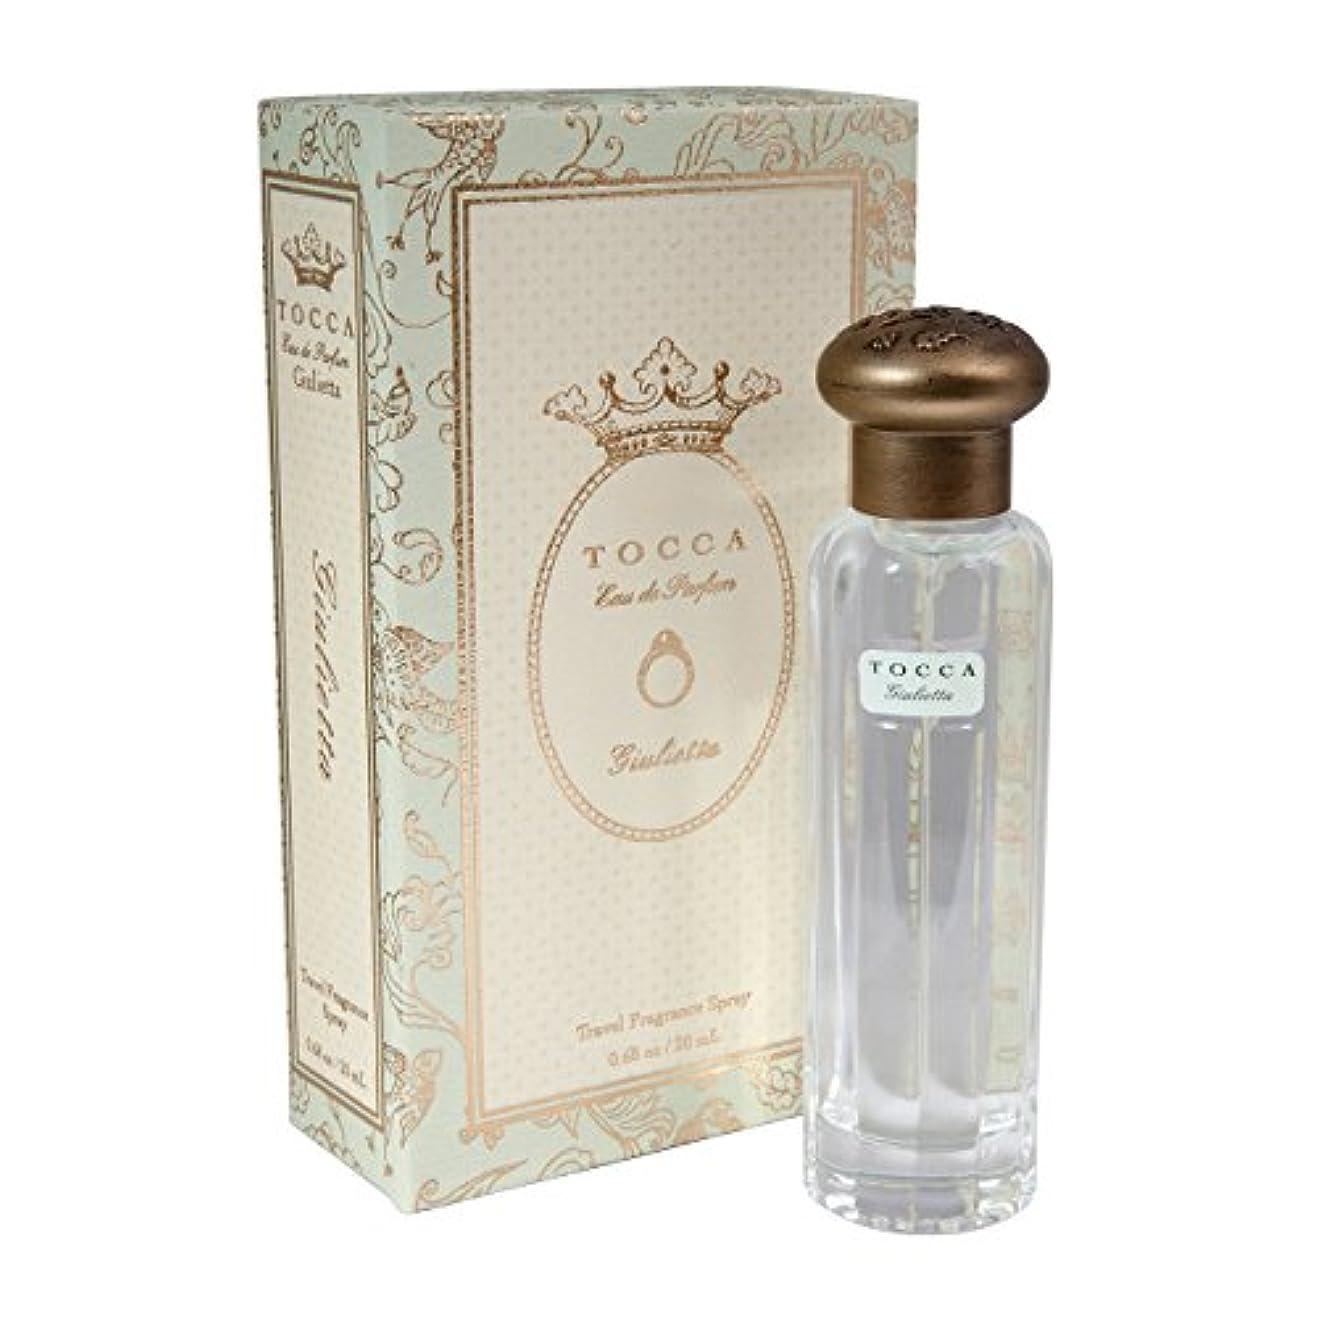 ルー住居サワートッカ(TOCCA)  トラベルフレグランススプレー ジュリエッタの香り 20ml(香水 オードパルファム 映画監督と女優である妻とのラブストーリーを描く、グリーンアップルとチューリップの甘く優美な香り)